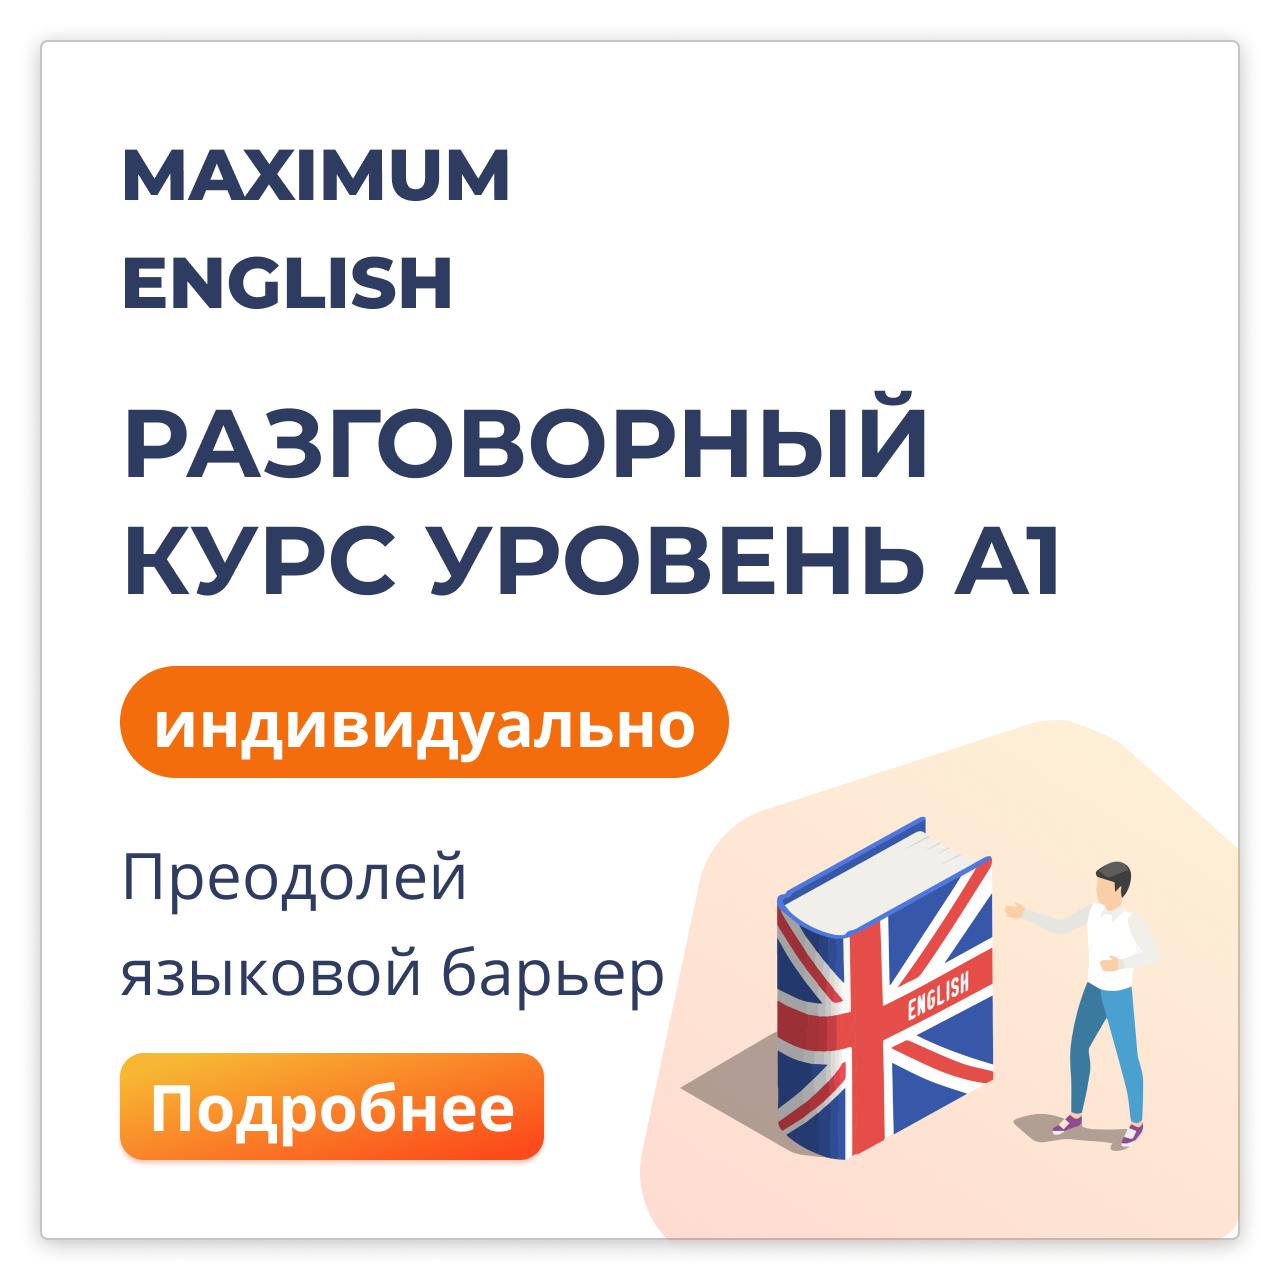 Разговорный курс Maximum English A1